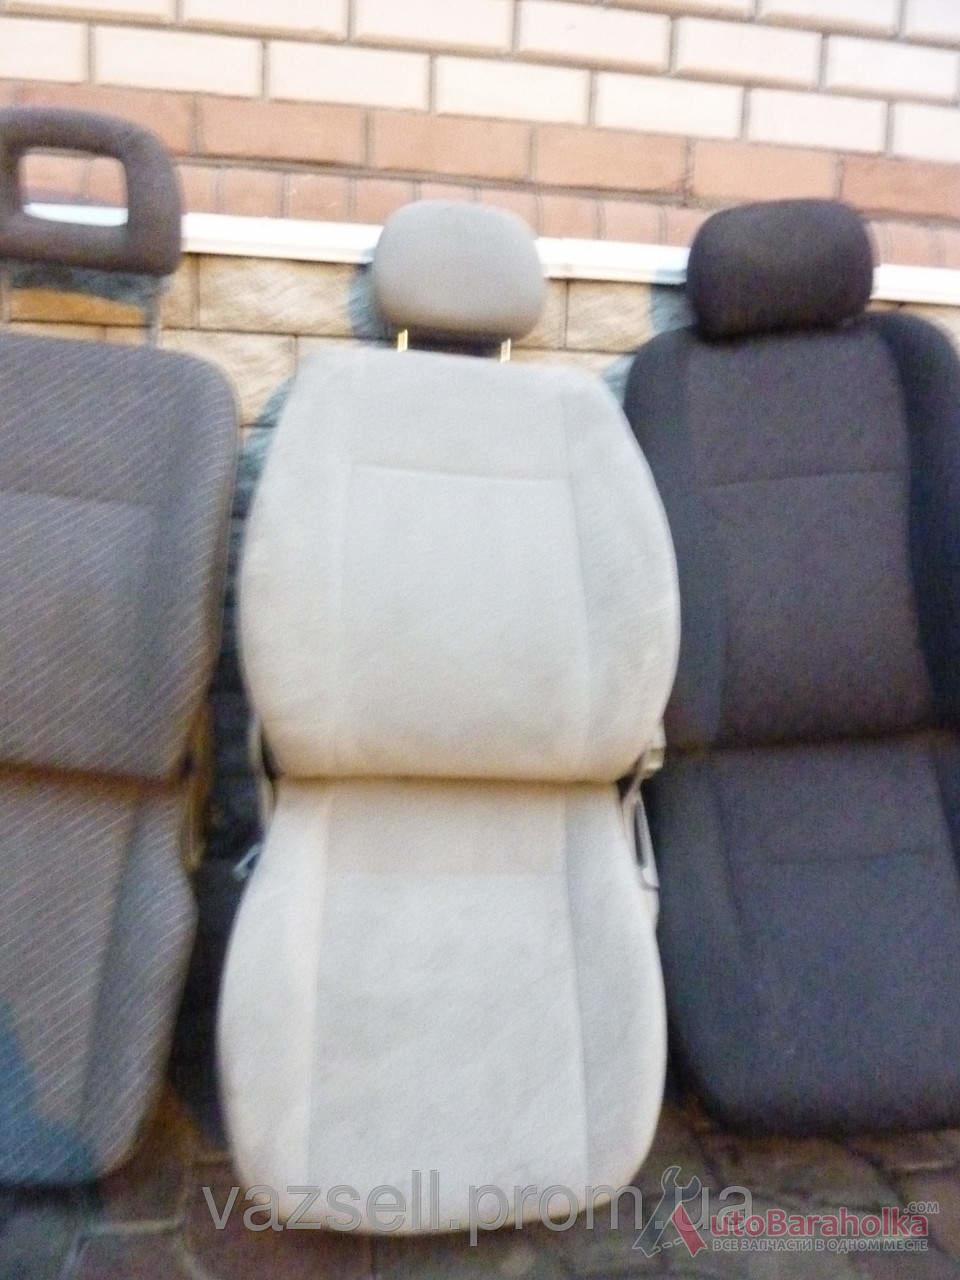 Продам Сидения автомобиль ВАЗ фиат ланос шевроле таврия деу мазда Одесса